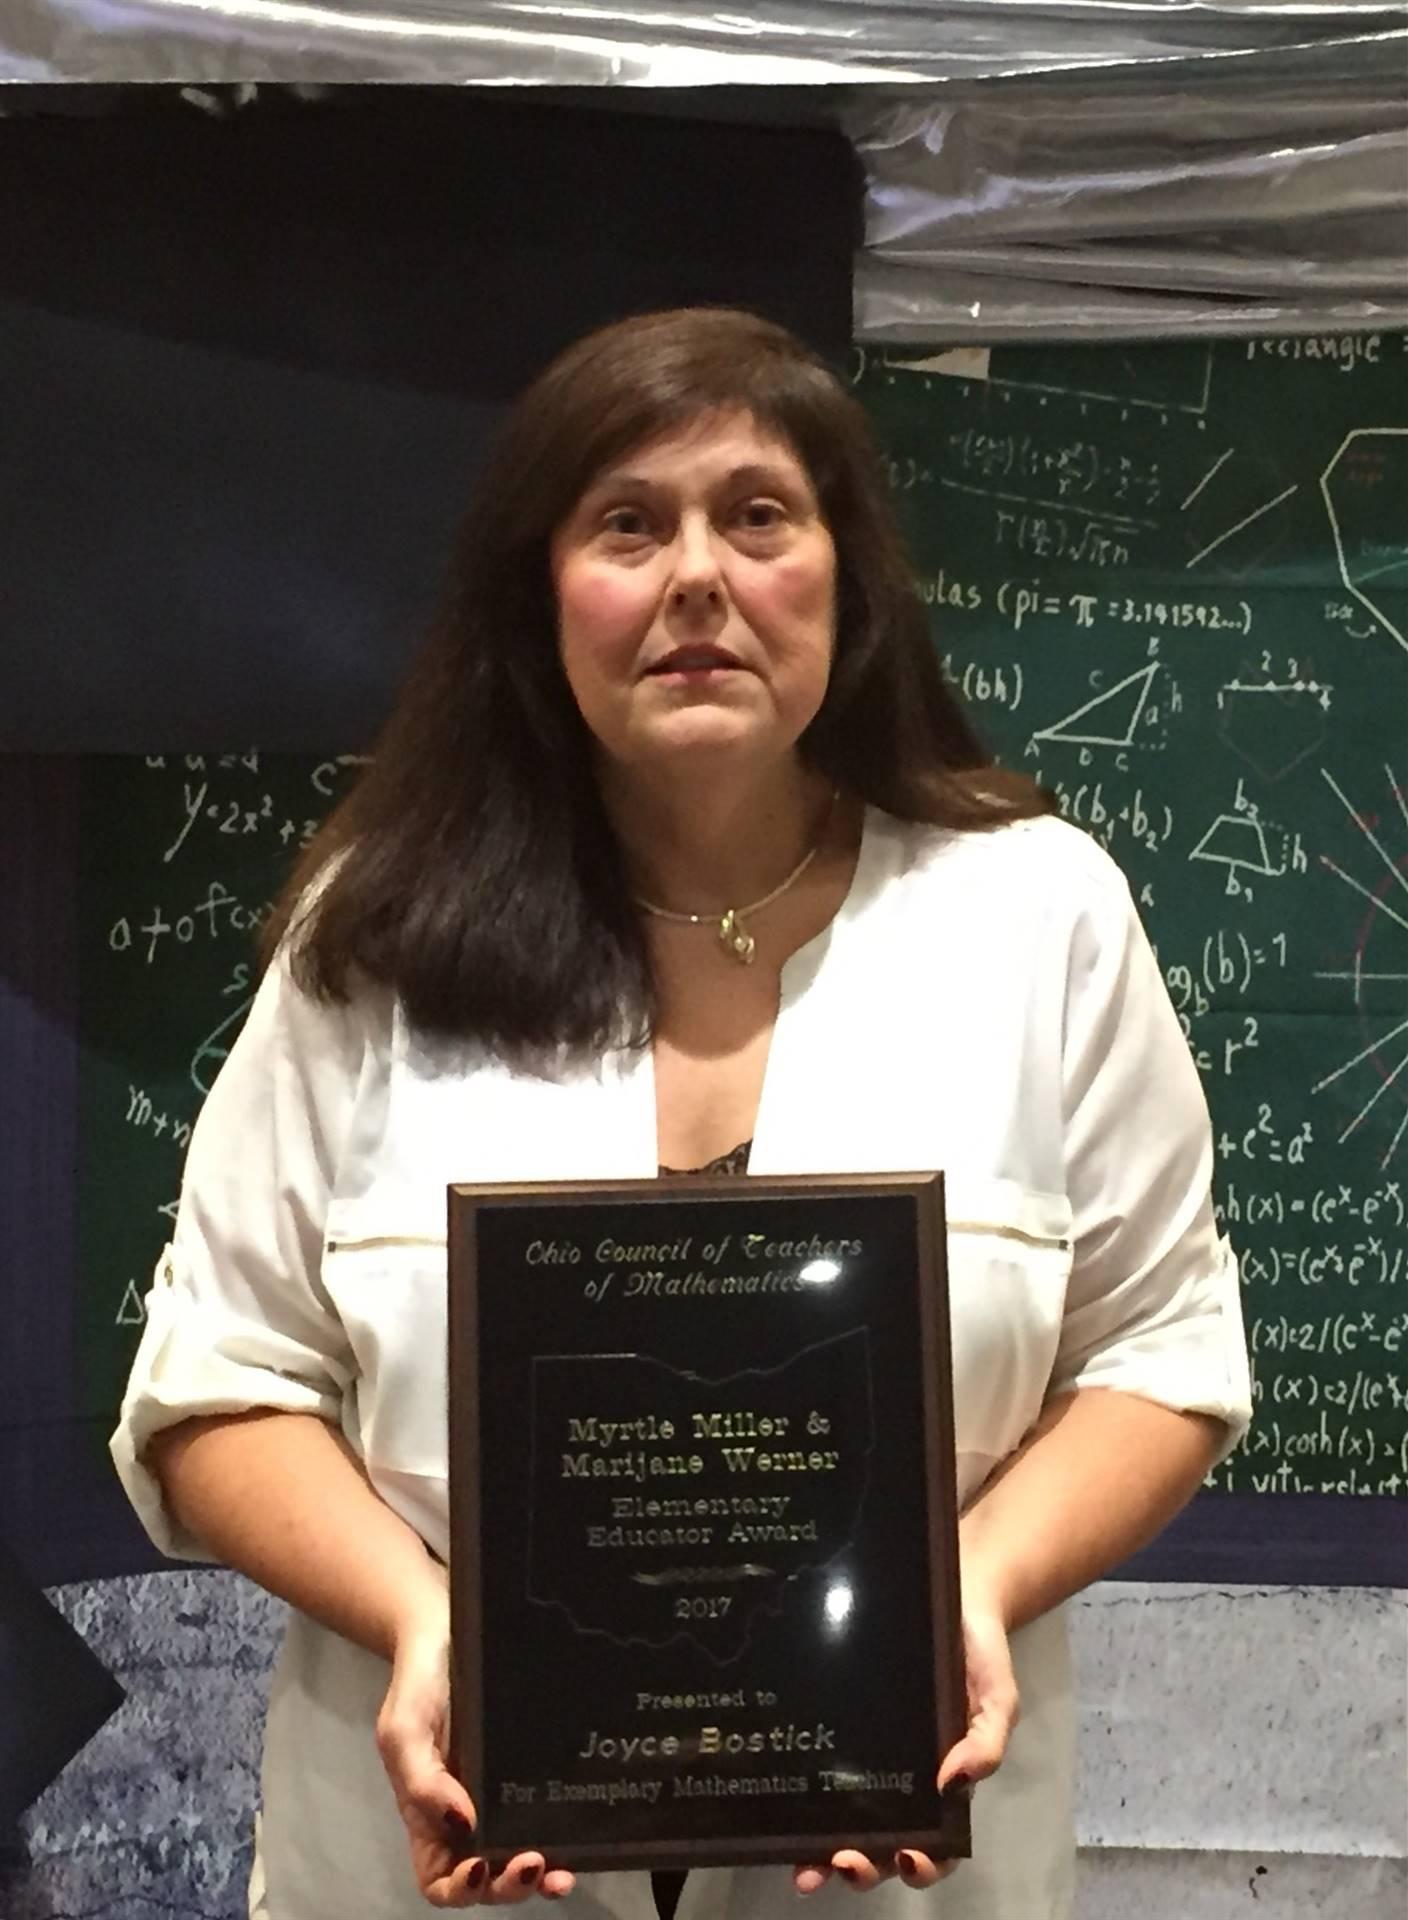 Mrs. Bostick receiving the OCTM Myrtle Miller/Marijane Werner Award